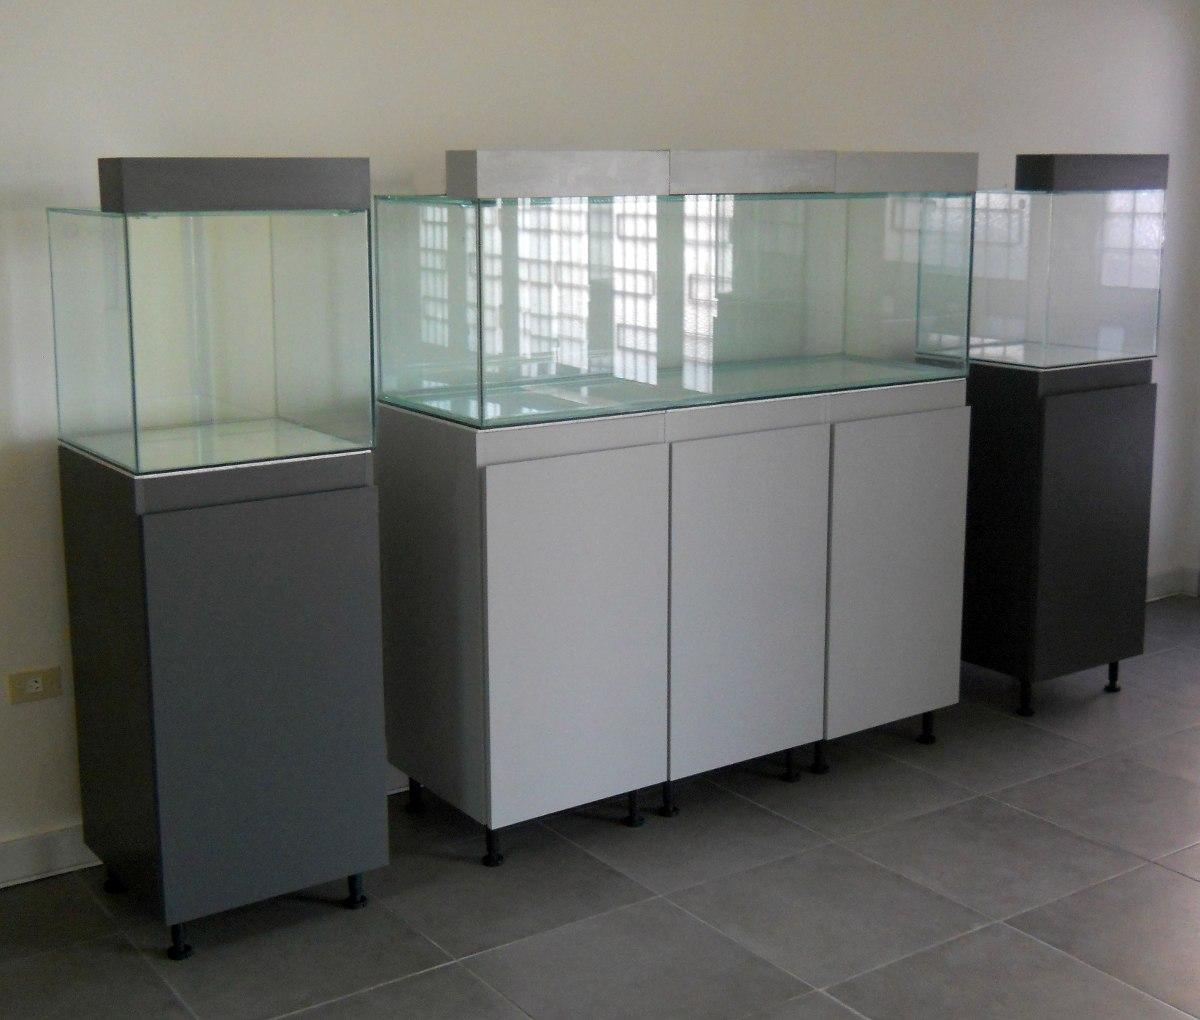 Mueble Con Pecera Cubo De 50x 125 Lts E Iluminador 4 500 00  # Muebles Nazca Y Nogoya